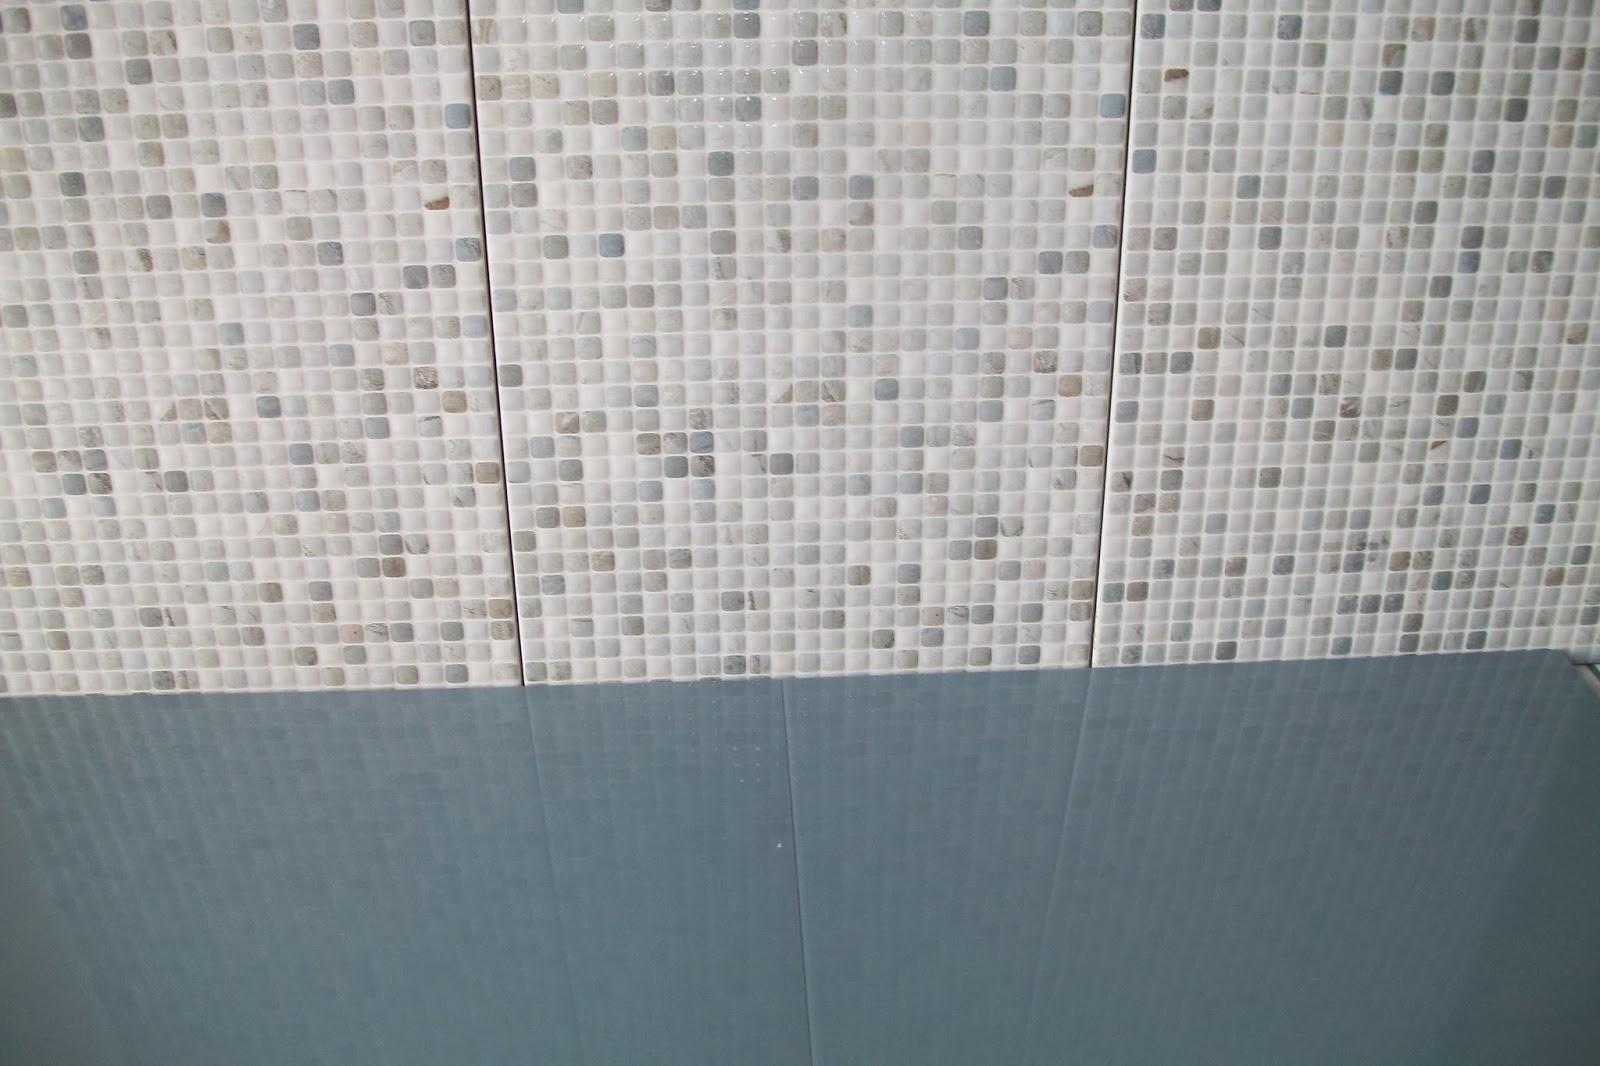 aqui as caixas esperando o dia de ir pro apê.. esse mês ainda  #435358 1600x1066 Banheiro Com Azulejo Quadriculado